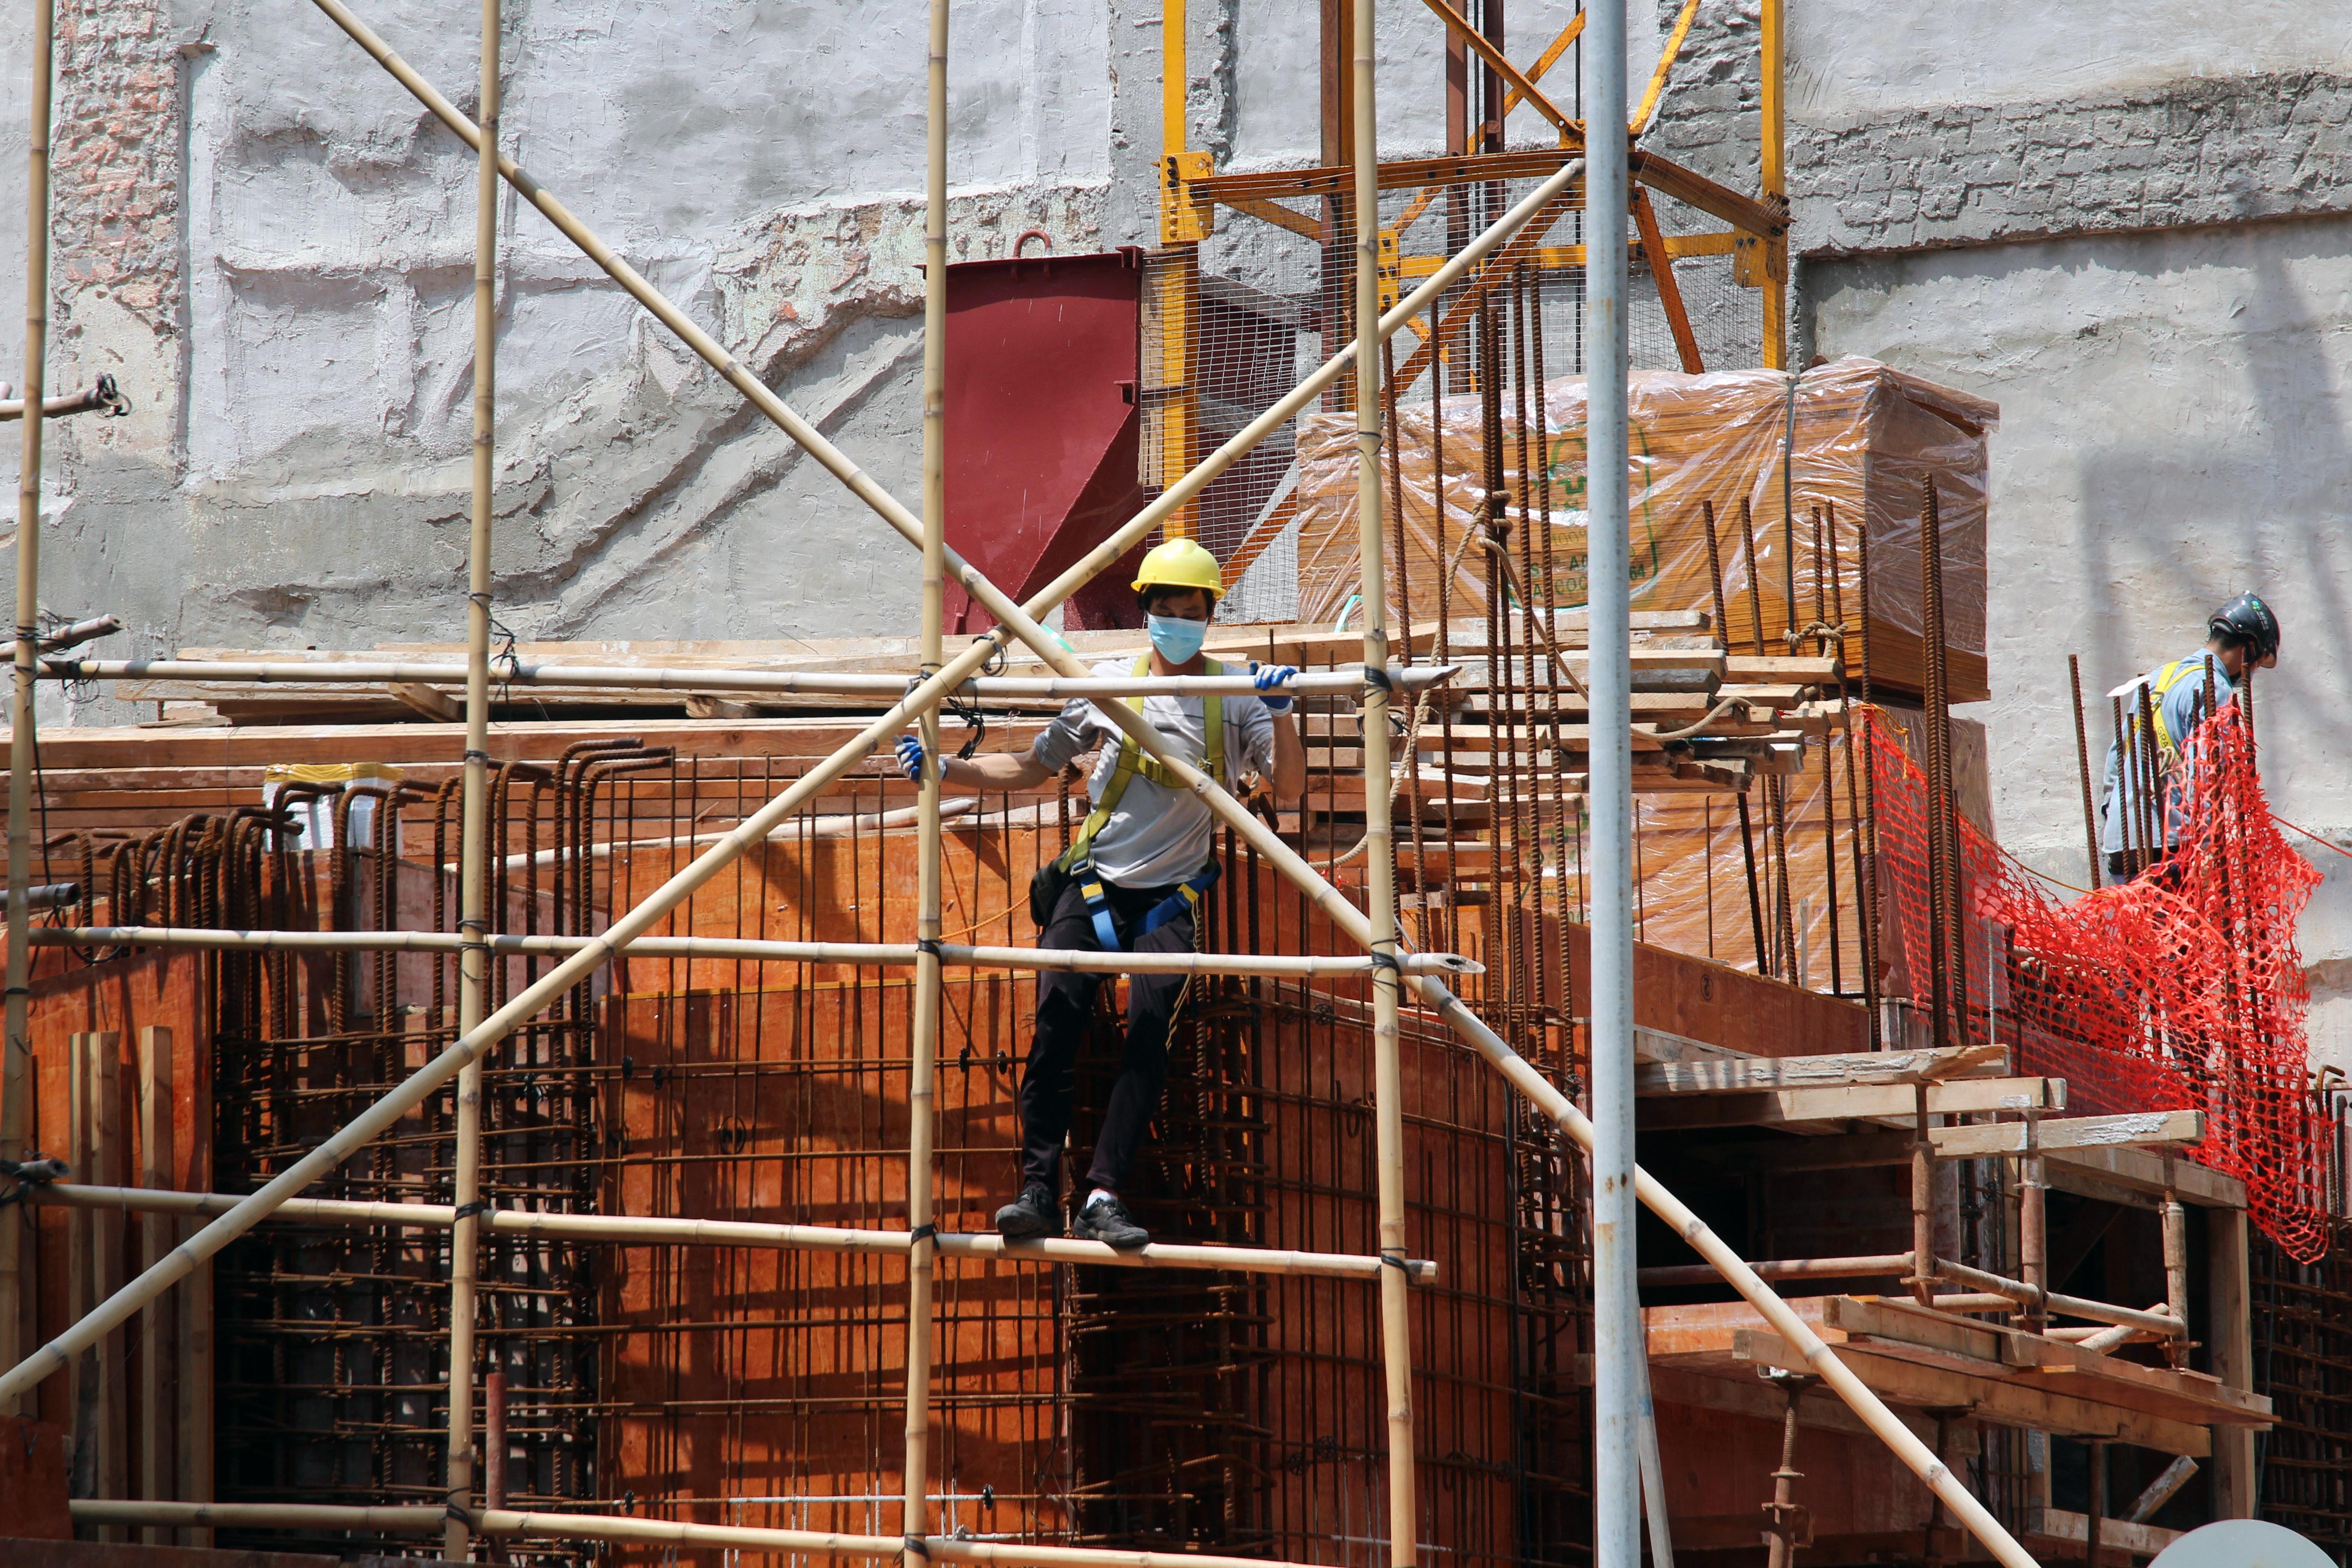 Foment reclama més recursos per a la seguretat laboral dels treballadors i dotar de seguretat jurídica als empresaris